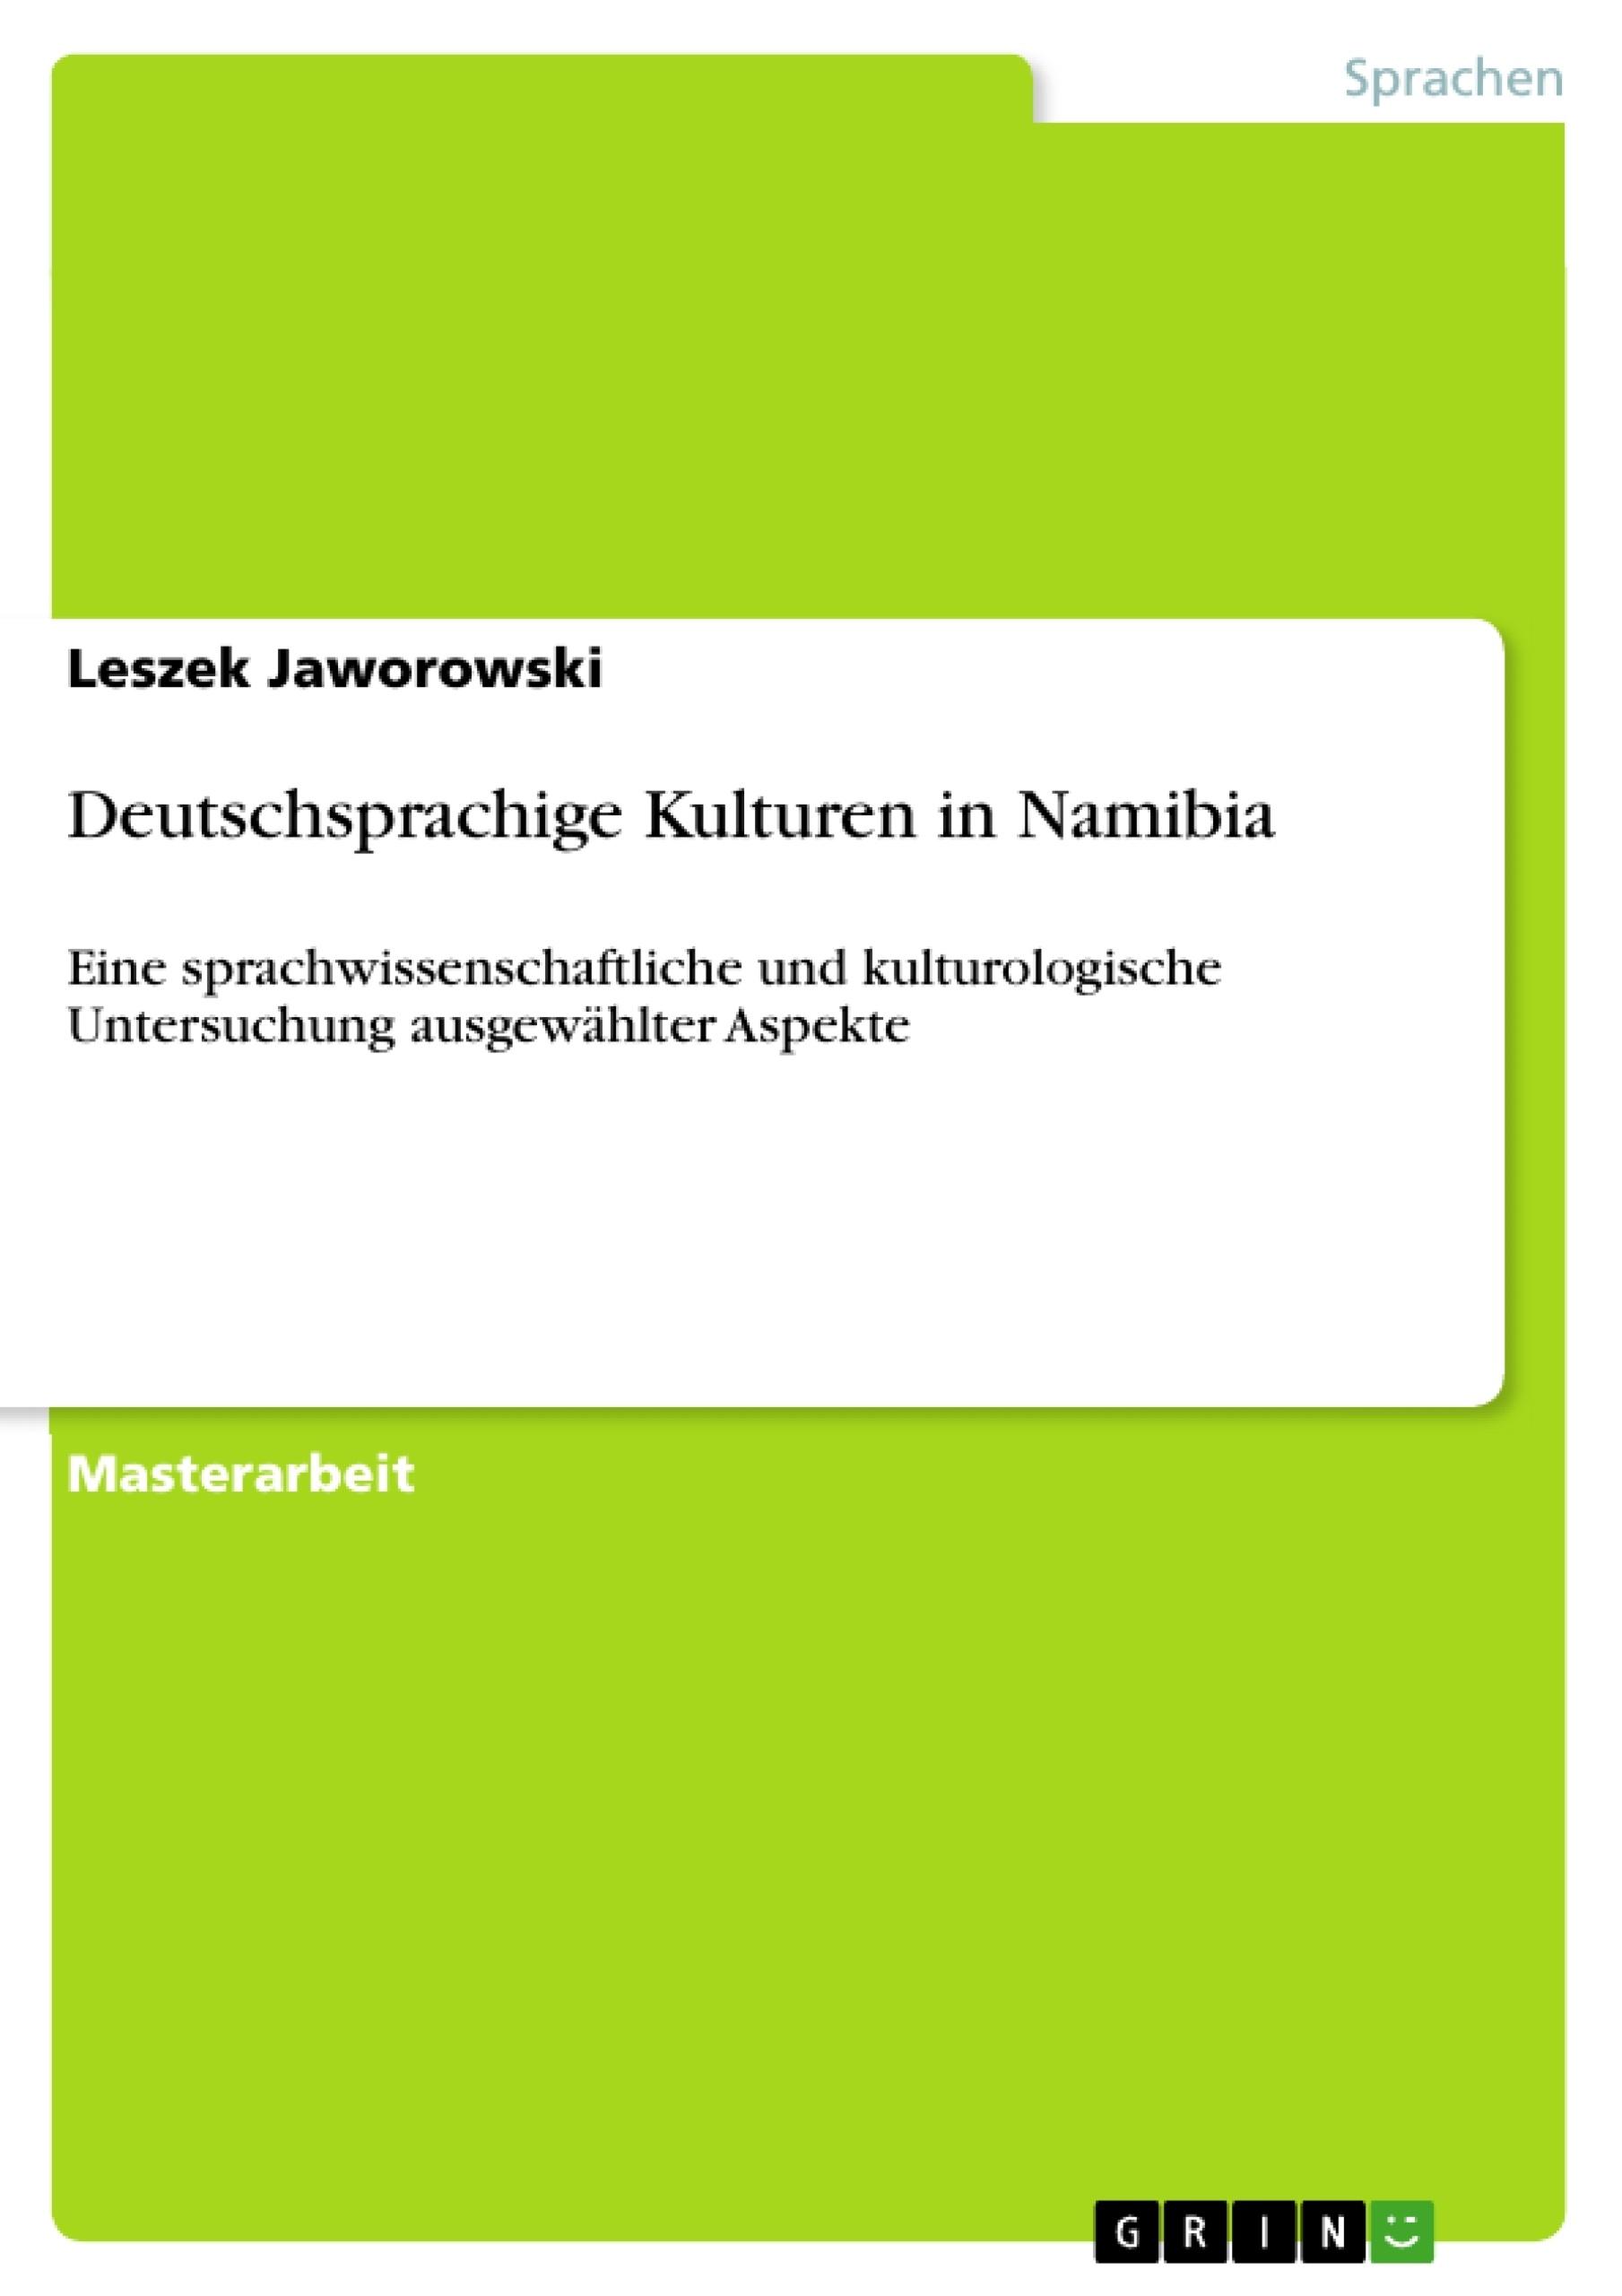 Titel: Deutschsprachige Kulturen in Namibia